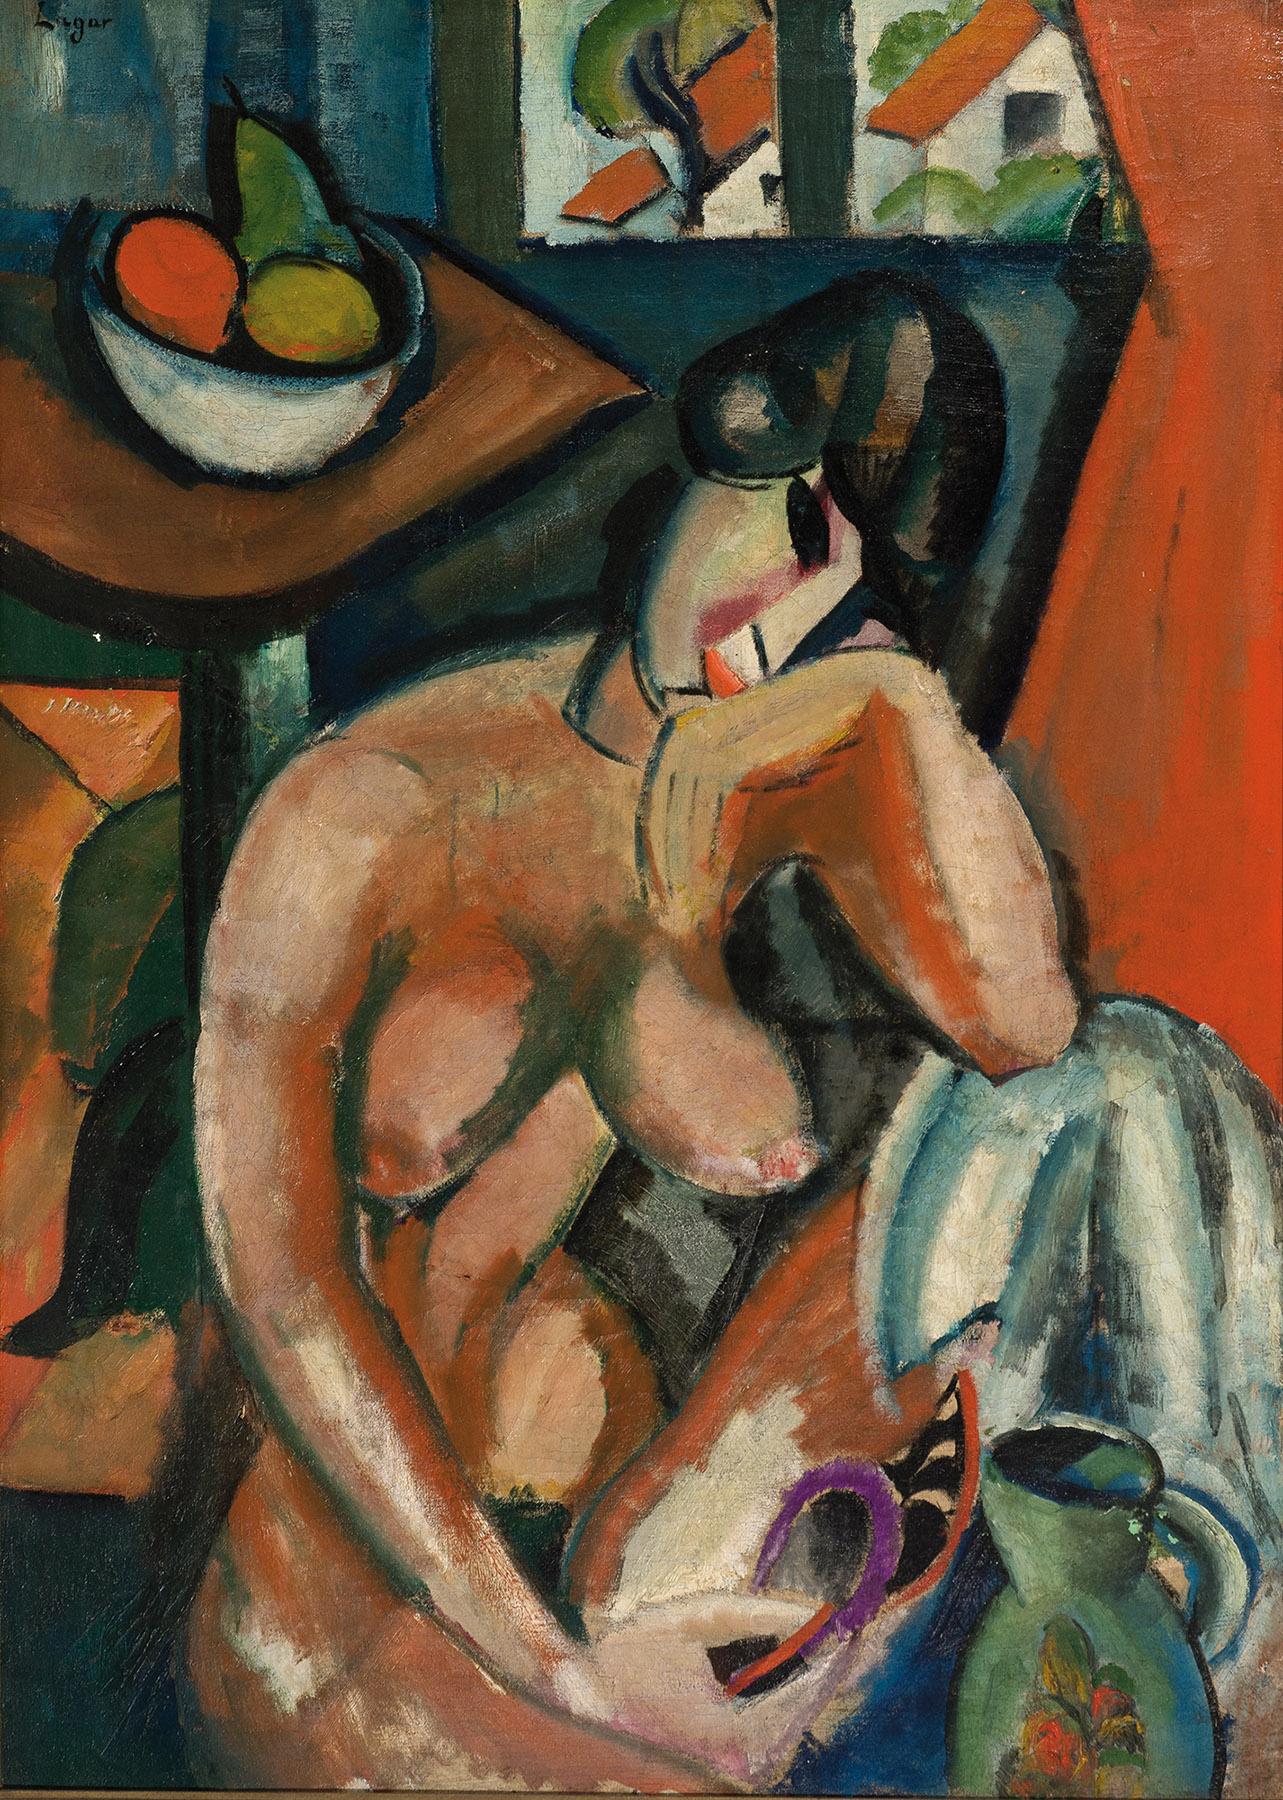 Celso Lagar. Desnudo femenino en interior, 1917. Salida: 32.000 euros. Remate: 75.000 euros